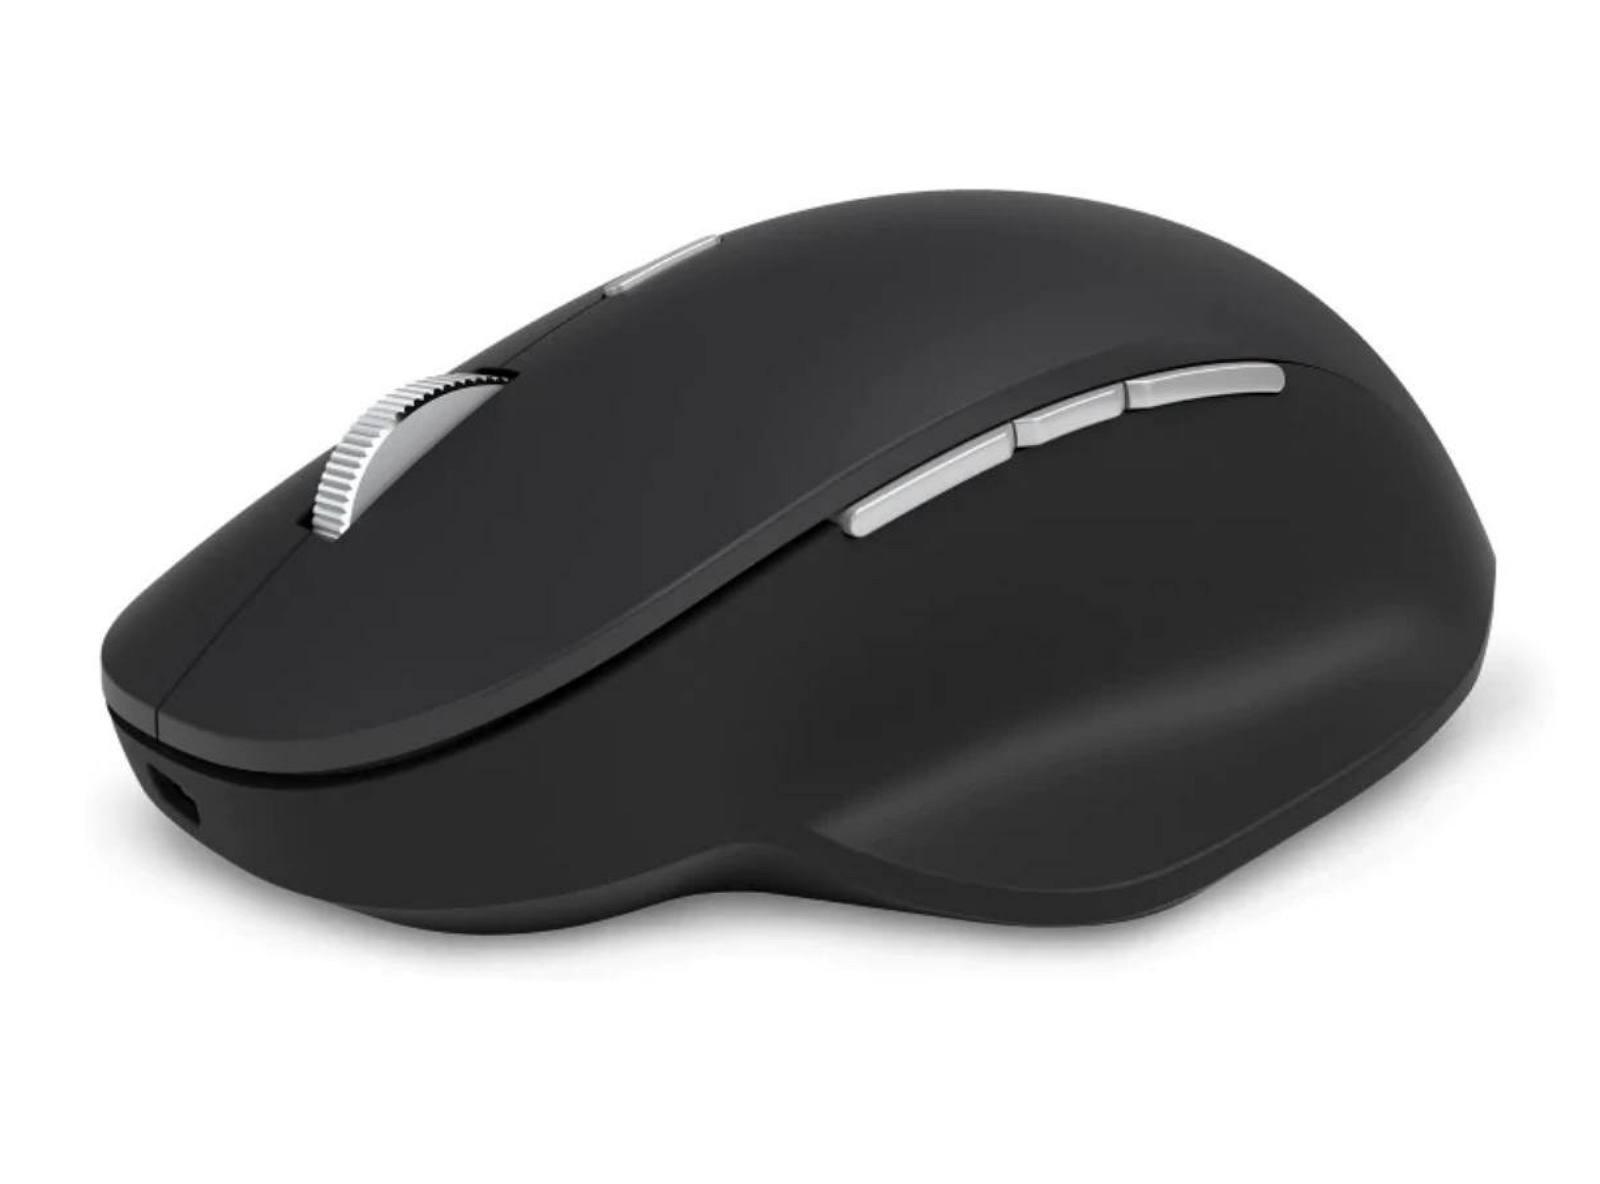 Microsoft Precision Mouse (black)